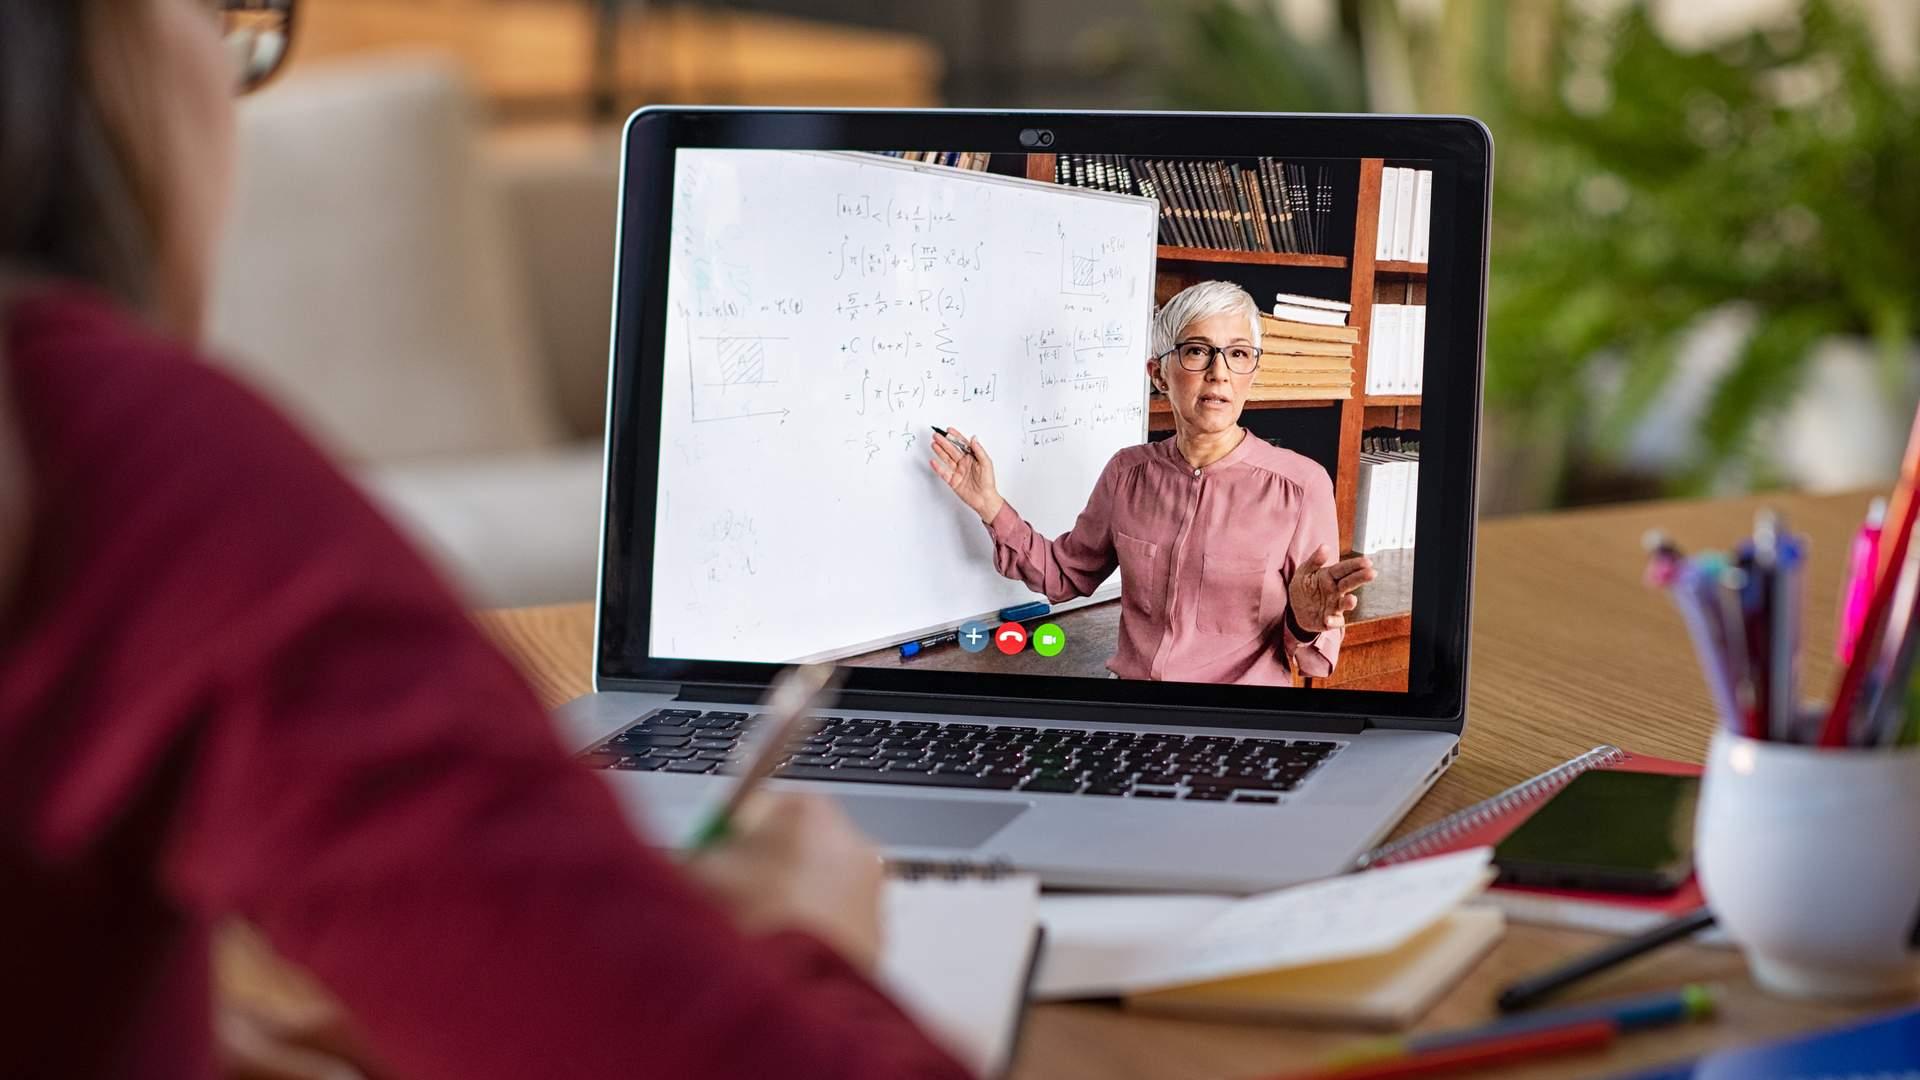 Com tela maior e capacidade de rodar programas mais pesados, o notebook é mais indicado para o dia a dia (Fonte: Shutterstock/Rido)